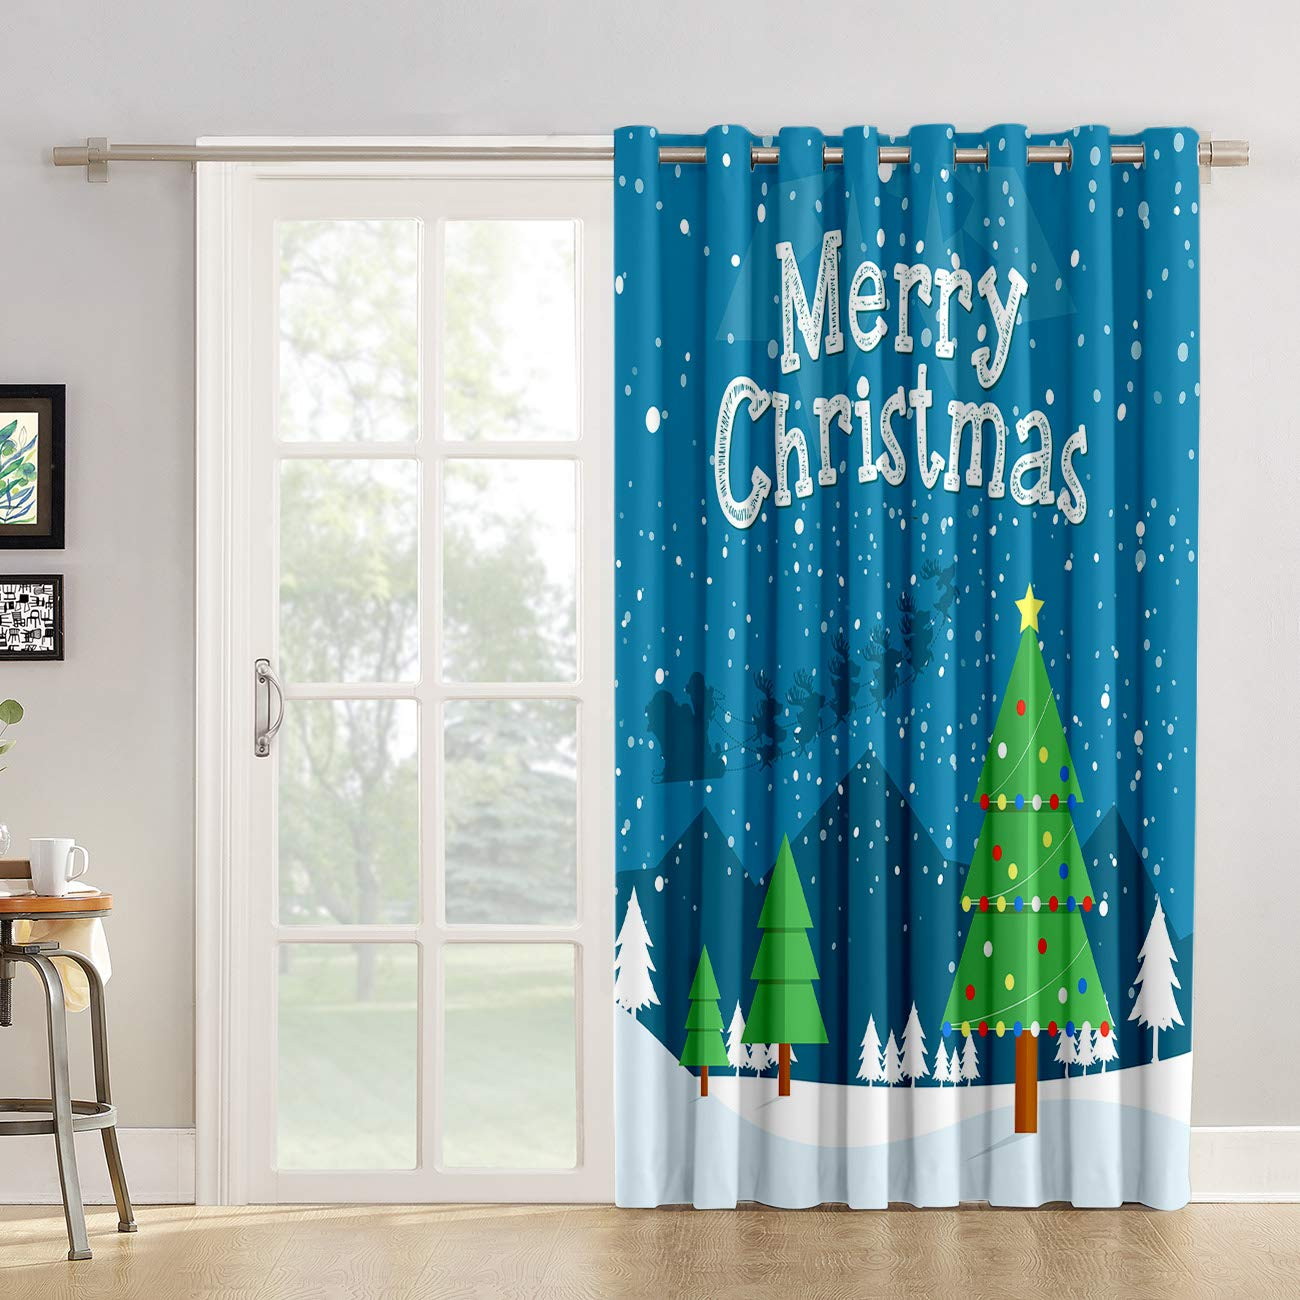 Cortinas de cocina con diseño de Papá Noel para salón, dormitorio, Navidad, Noel, alce nocturno, trineo y Papá Noel, cortina de tela para puerta corredera de cristal o patio: Amazon.es: Hogar